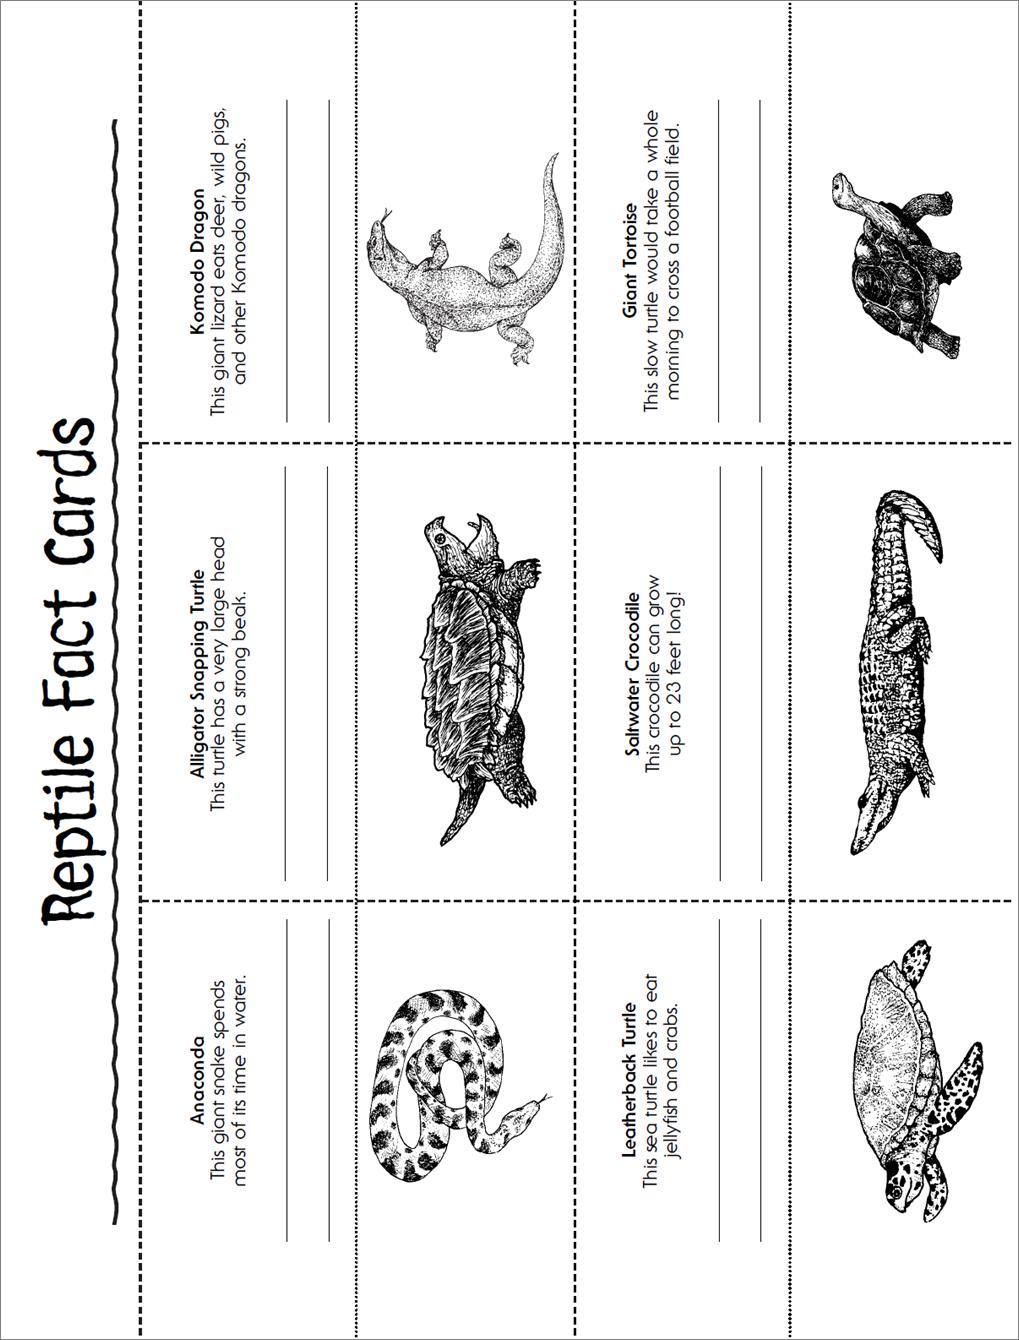 Reptile | animal | Britannica.com